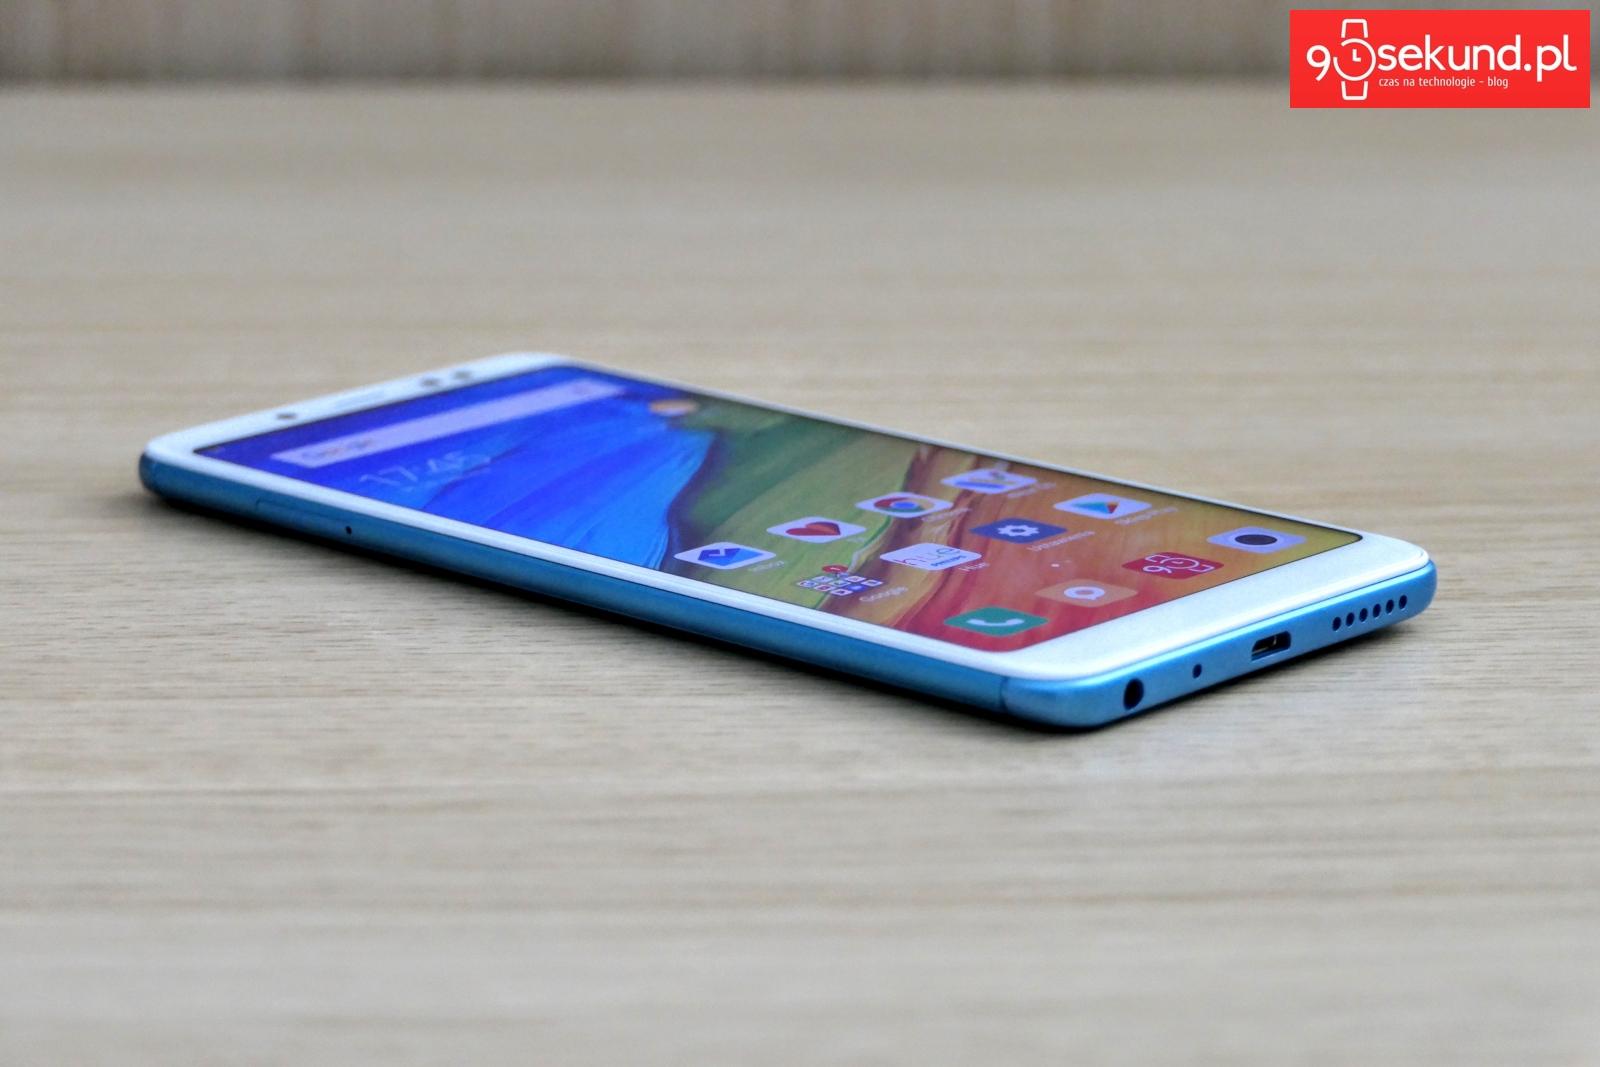 Recenzja Xiaomi Redmi Note 5 - 90sekund.pl / Michał Brożyński